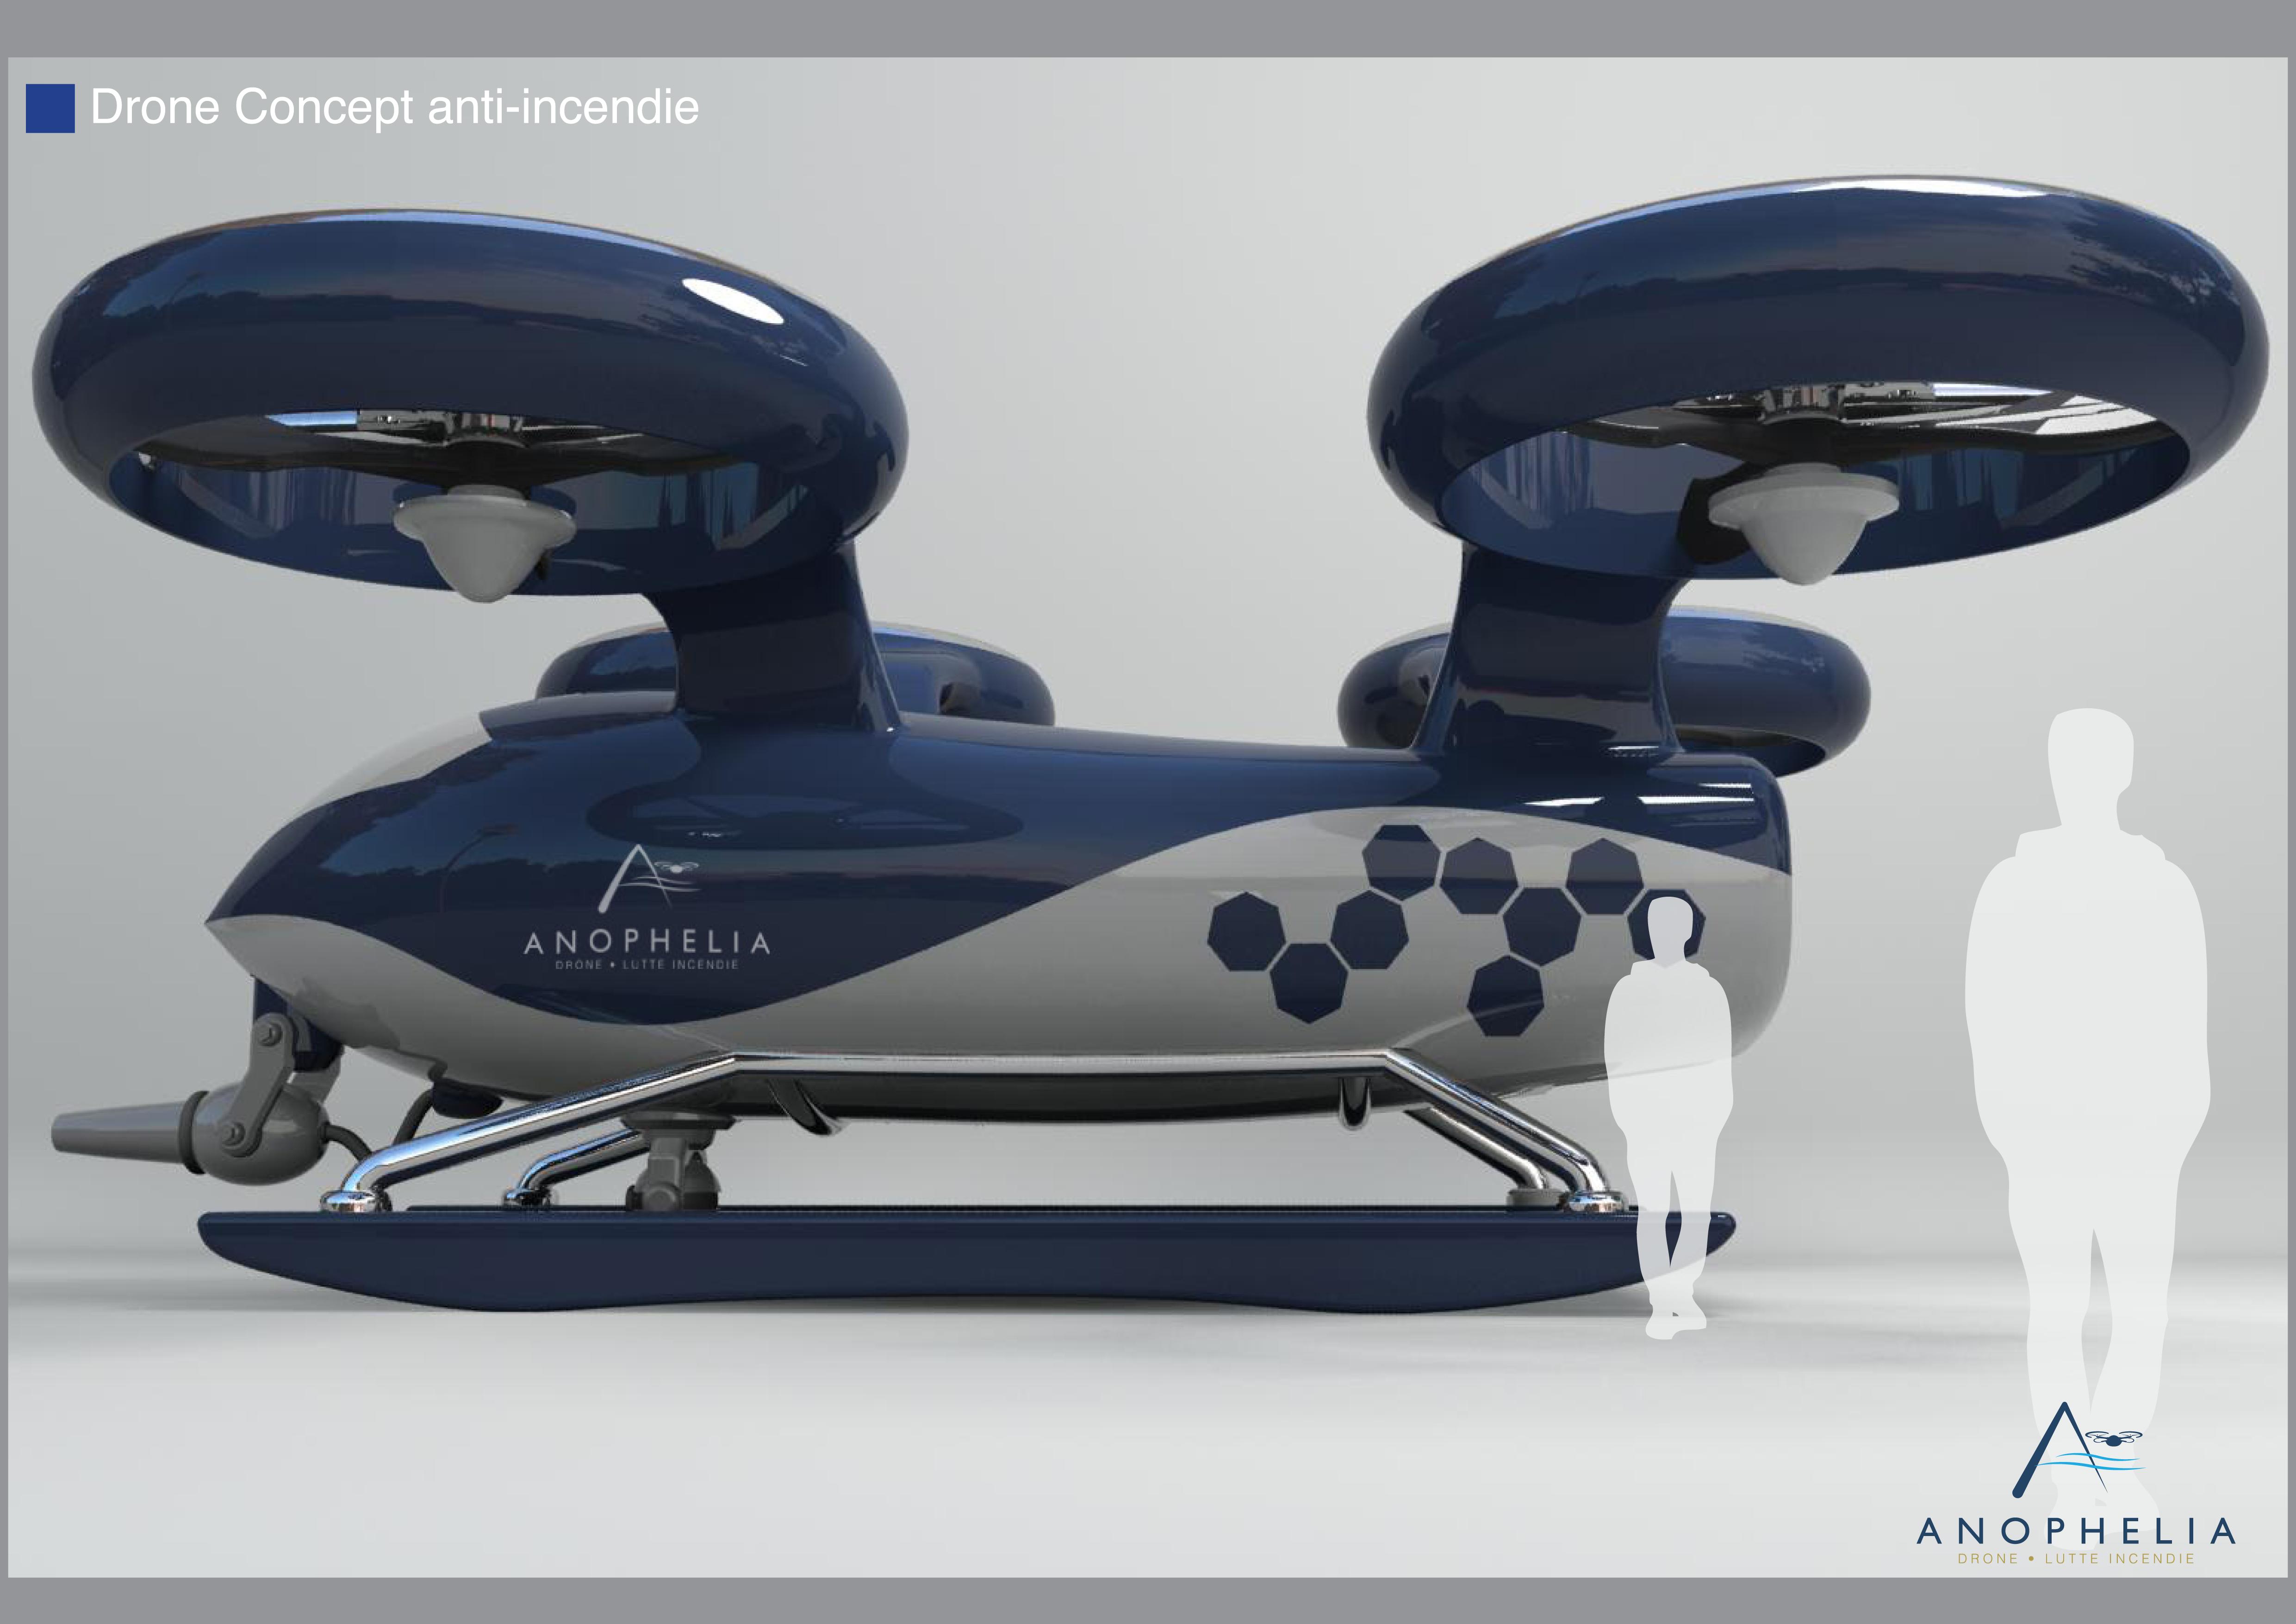 Concept_ drone anophelia 2